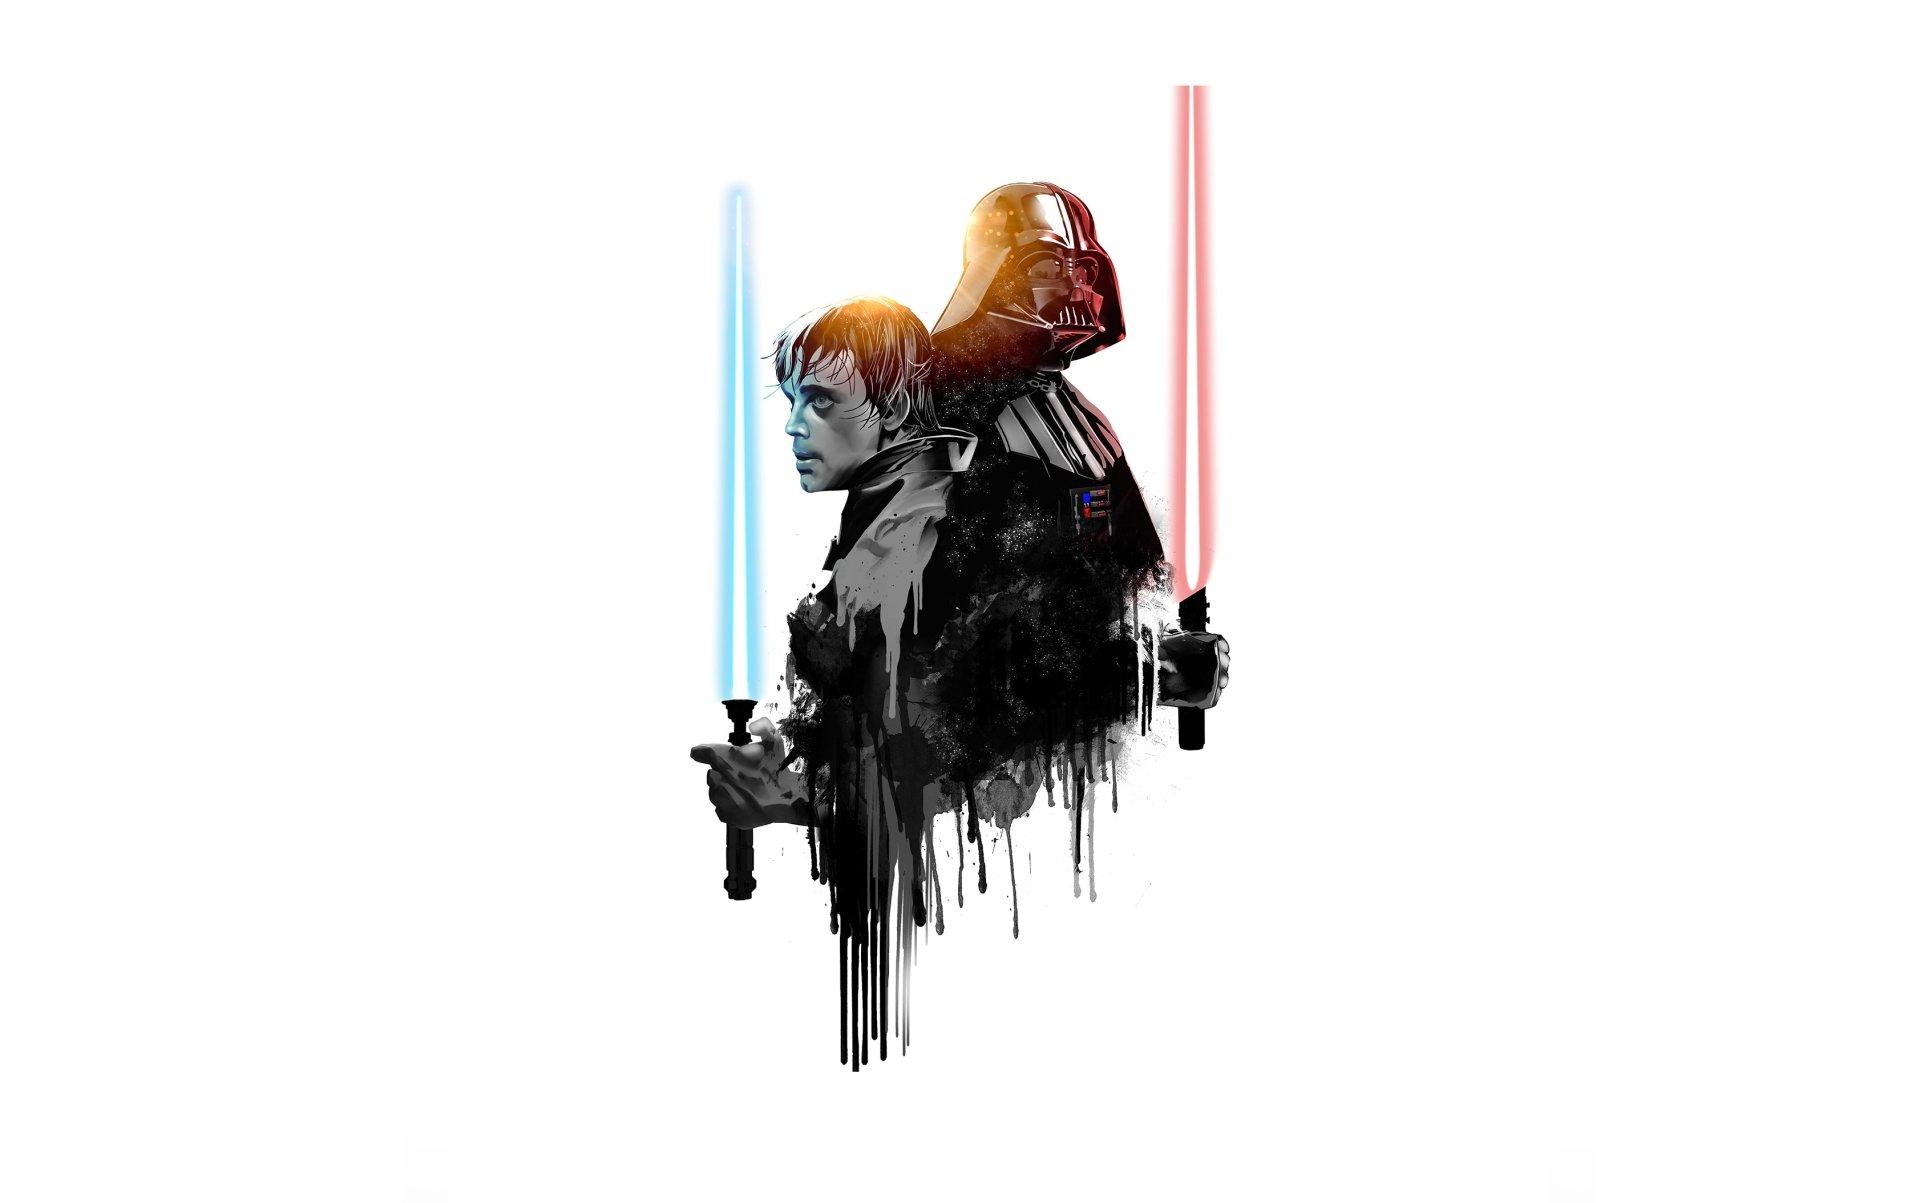 Science Fiction - Star Wars  Minimalist Lightsaber Darth Vader Luke Skywalker Fond d'écran